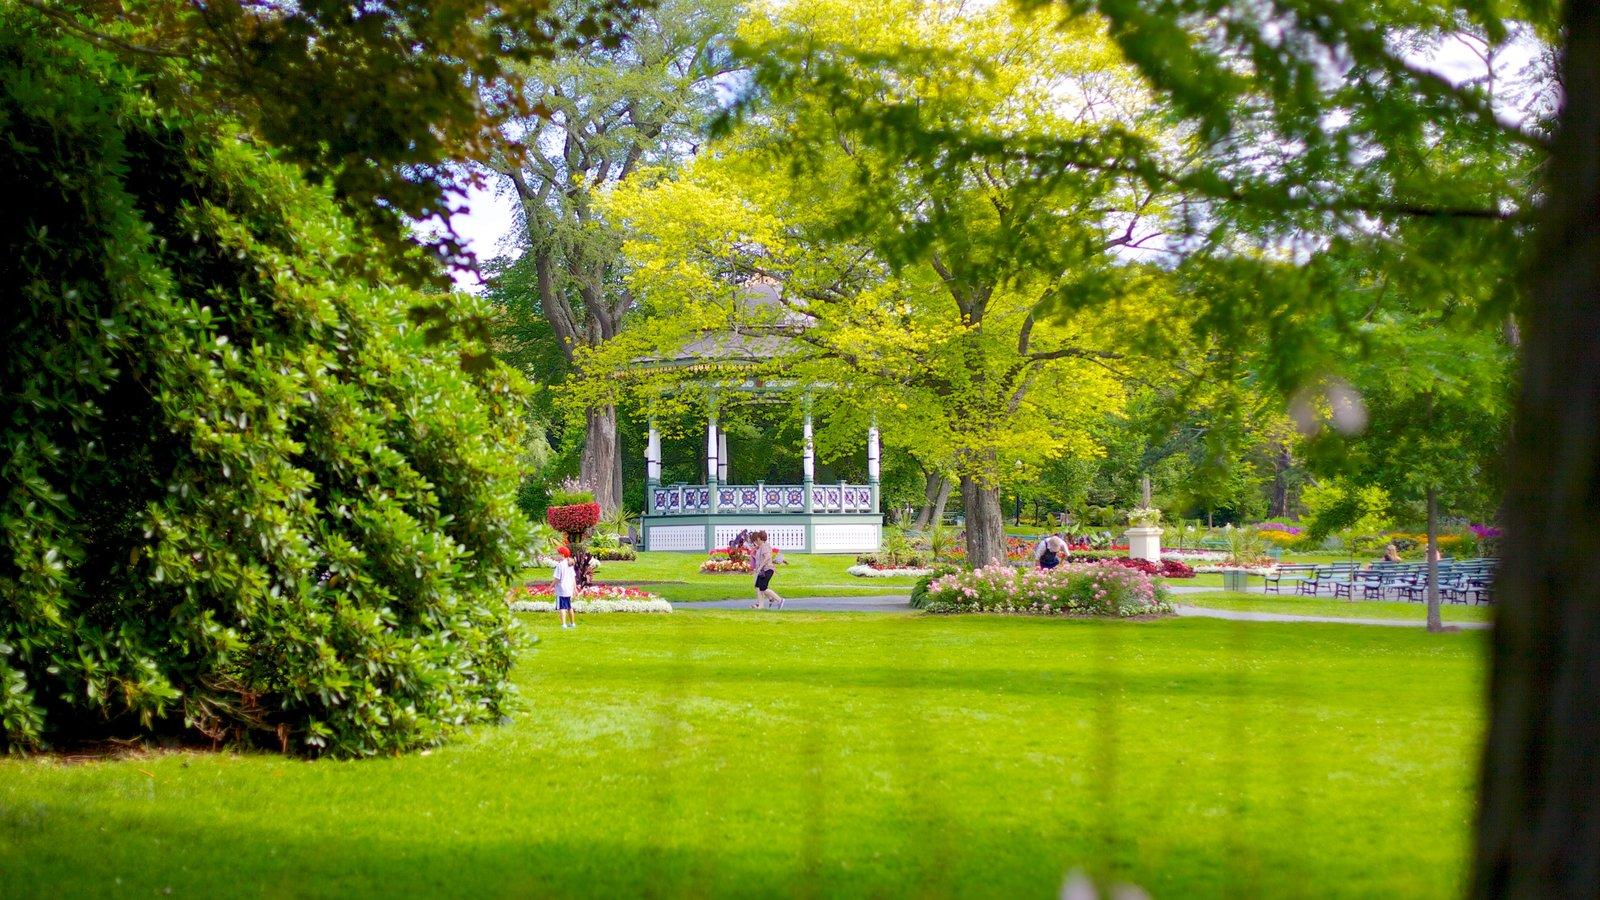 Fotos de Parques y jardines: Ver imágenes de Nueva Escocia